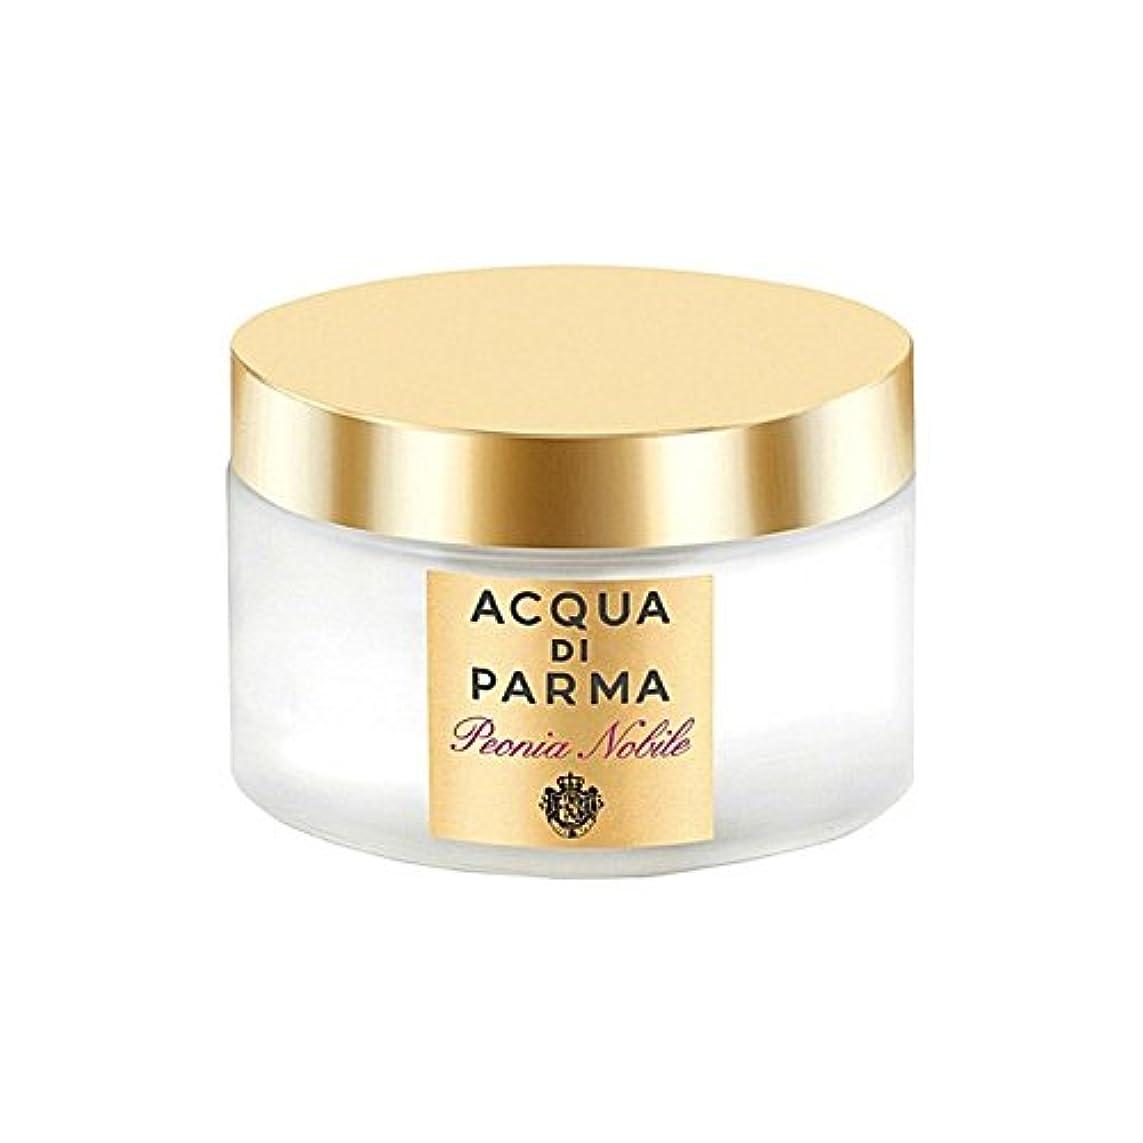 表面急襲神のAcqua Di Parma Peonia Nobile Body Cream 150ml - アクアディパルマノビレボディクリーム150ミリリットル [並行輸入品]